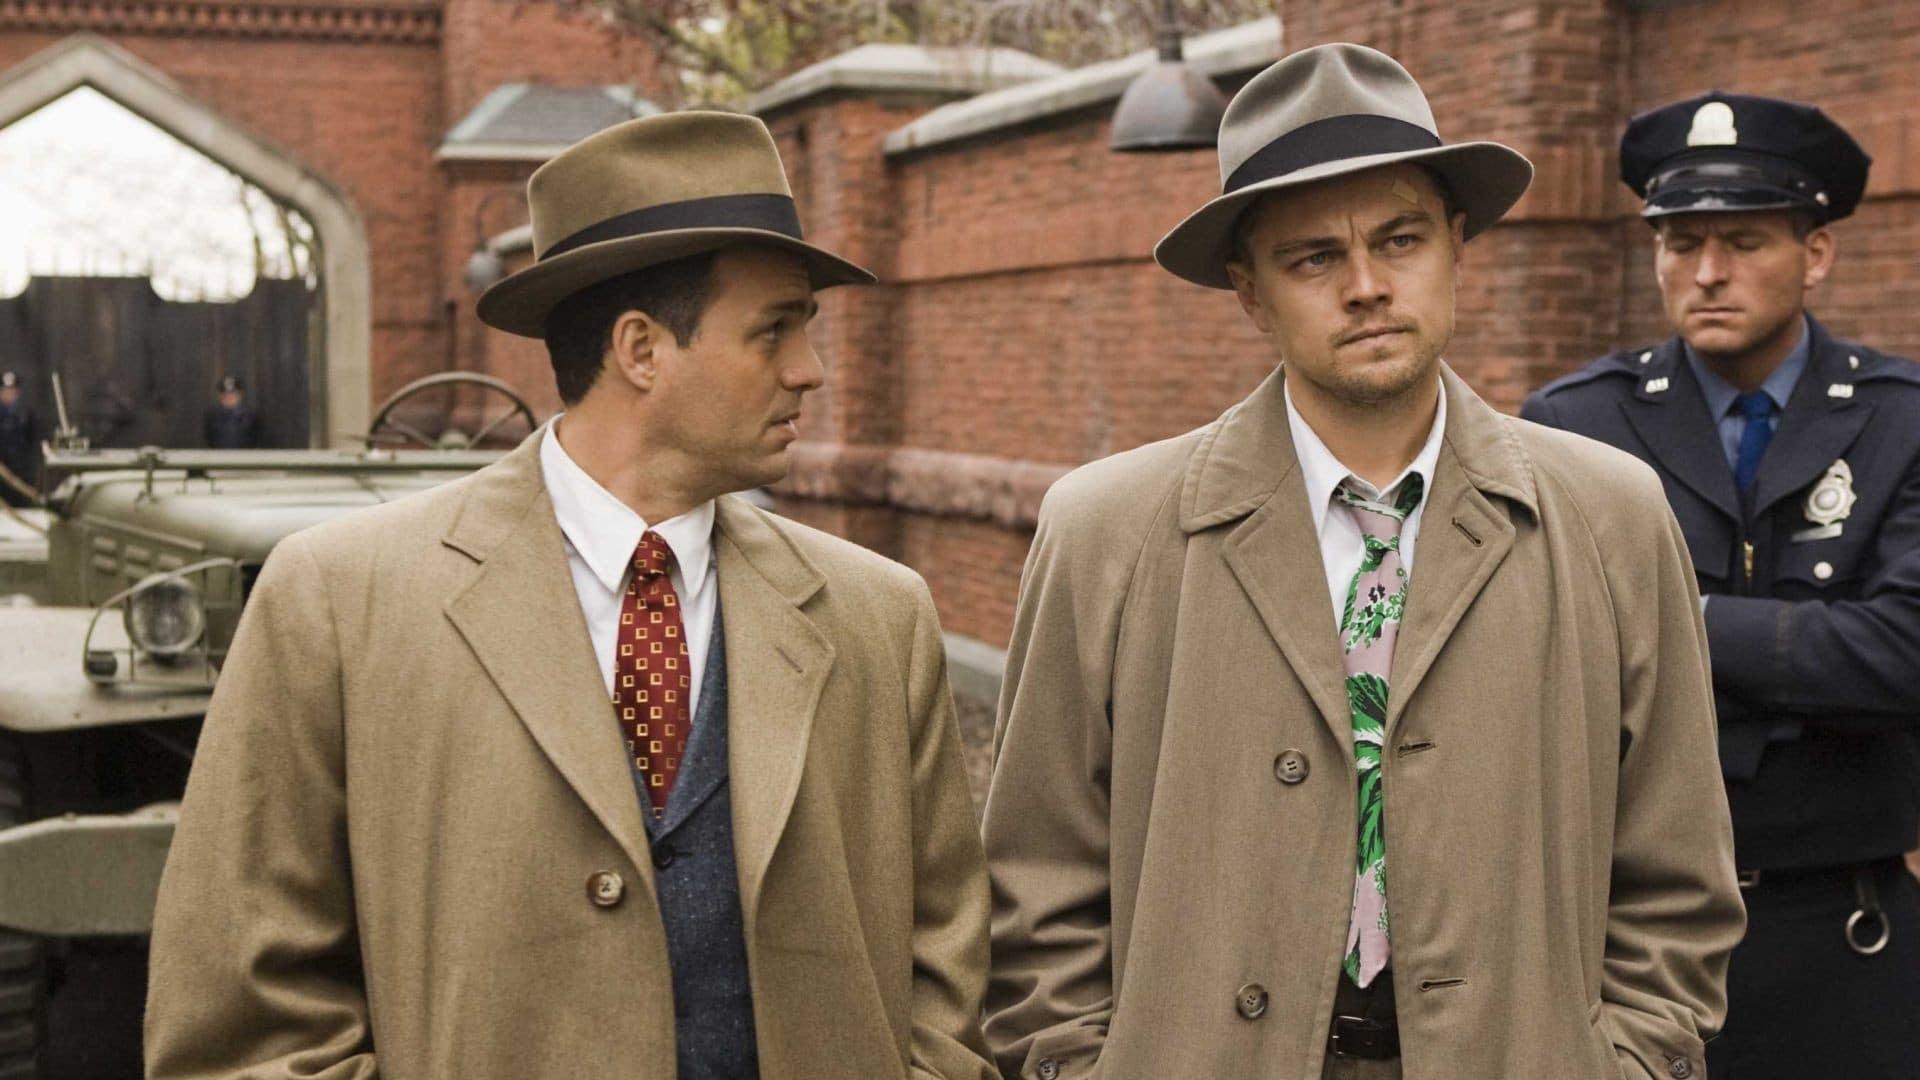 La storica azienda italiana di cappelli Borsalino è fallita  9e11653f81f4